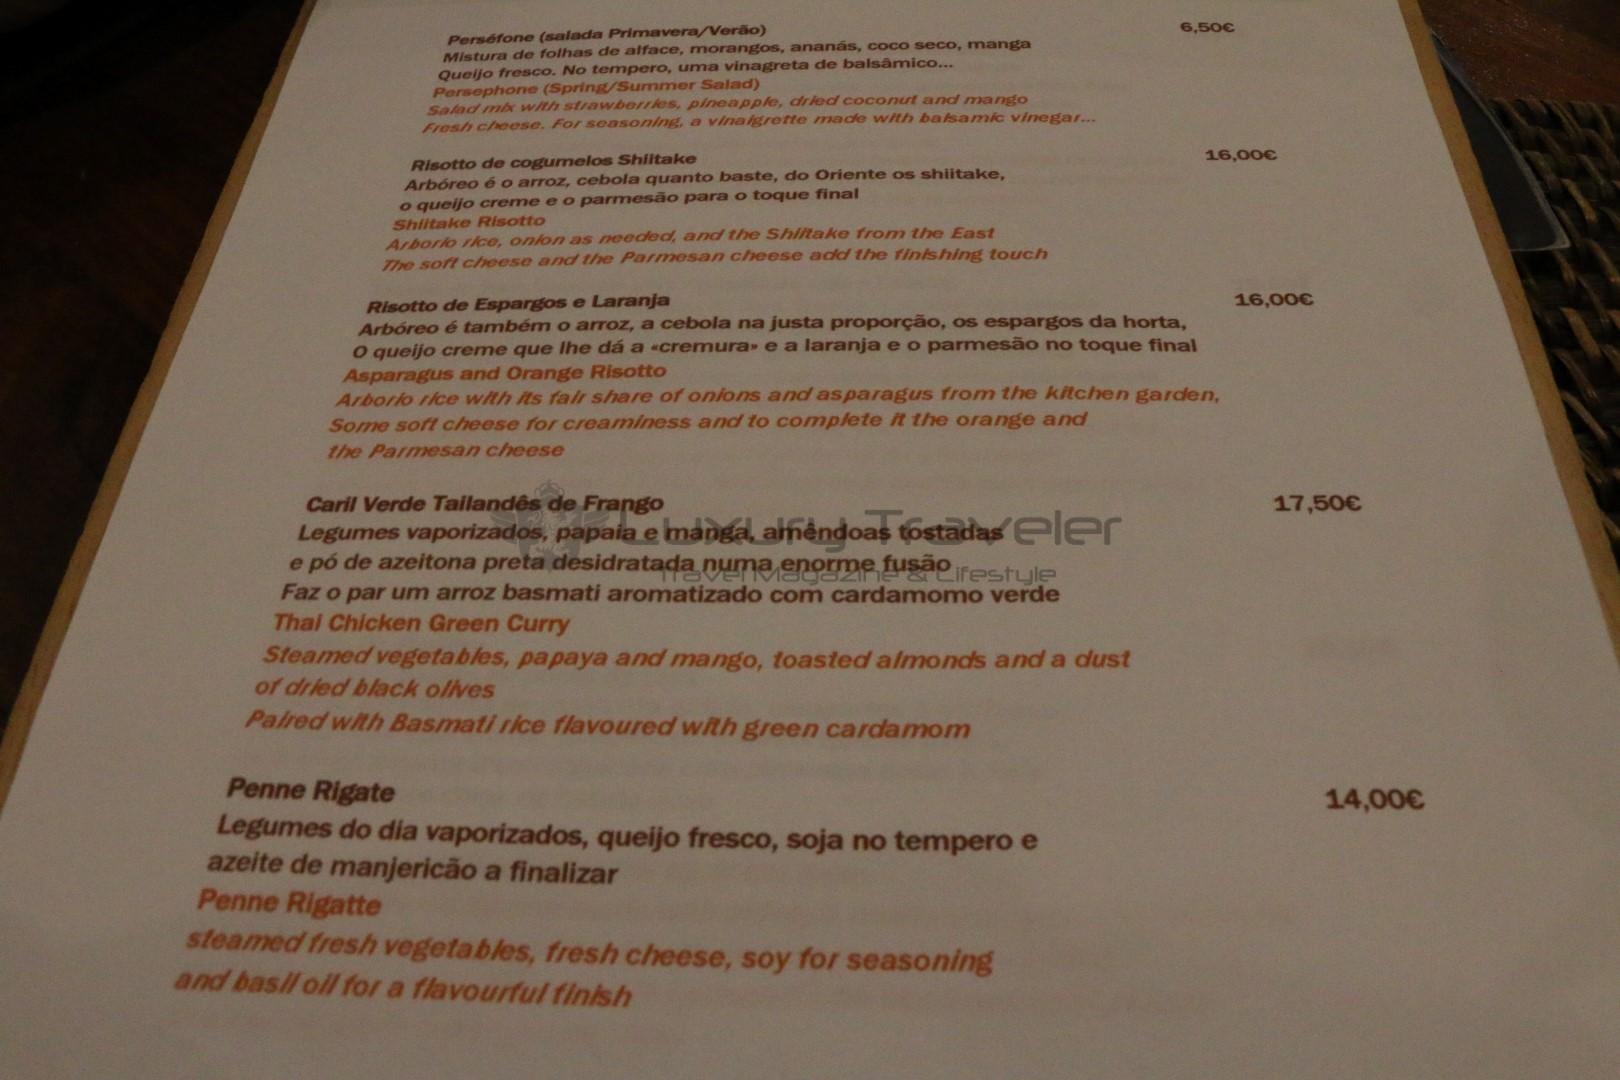 30-menu_restaurant_boho_bistrot_madeira